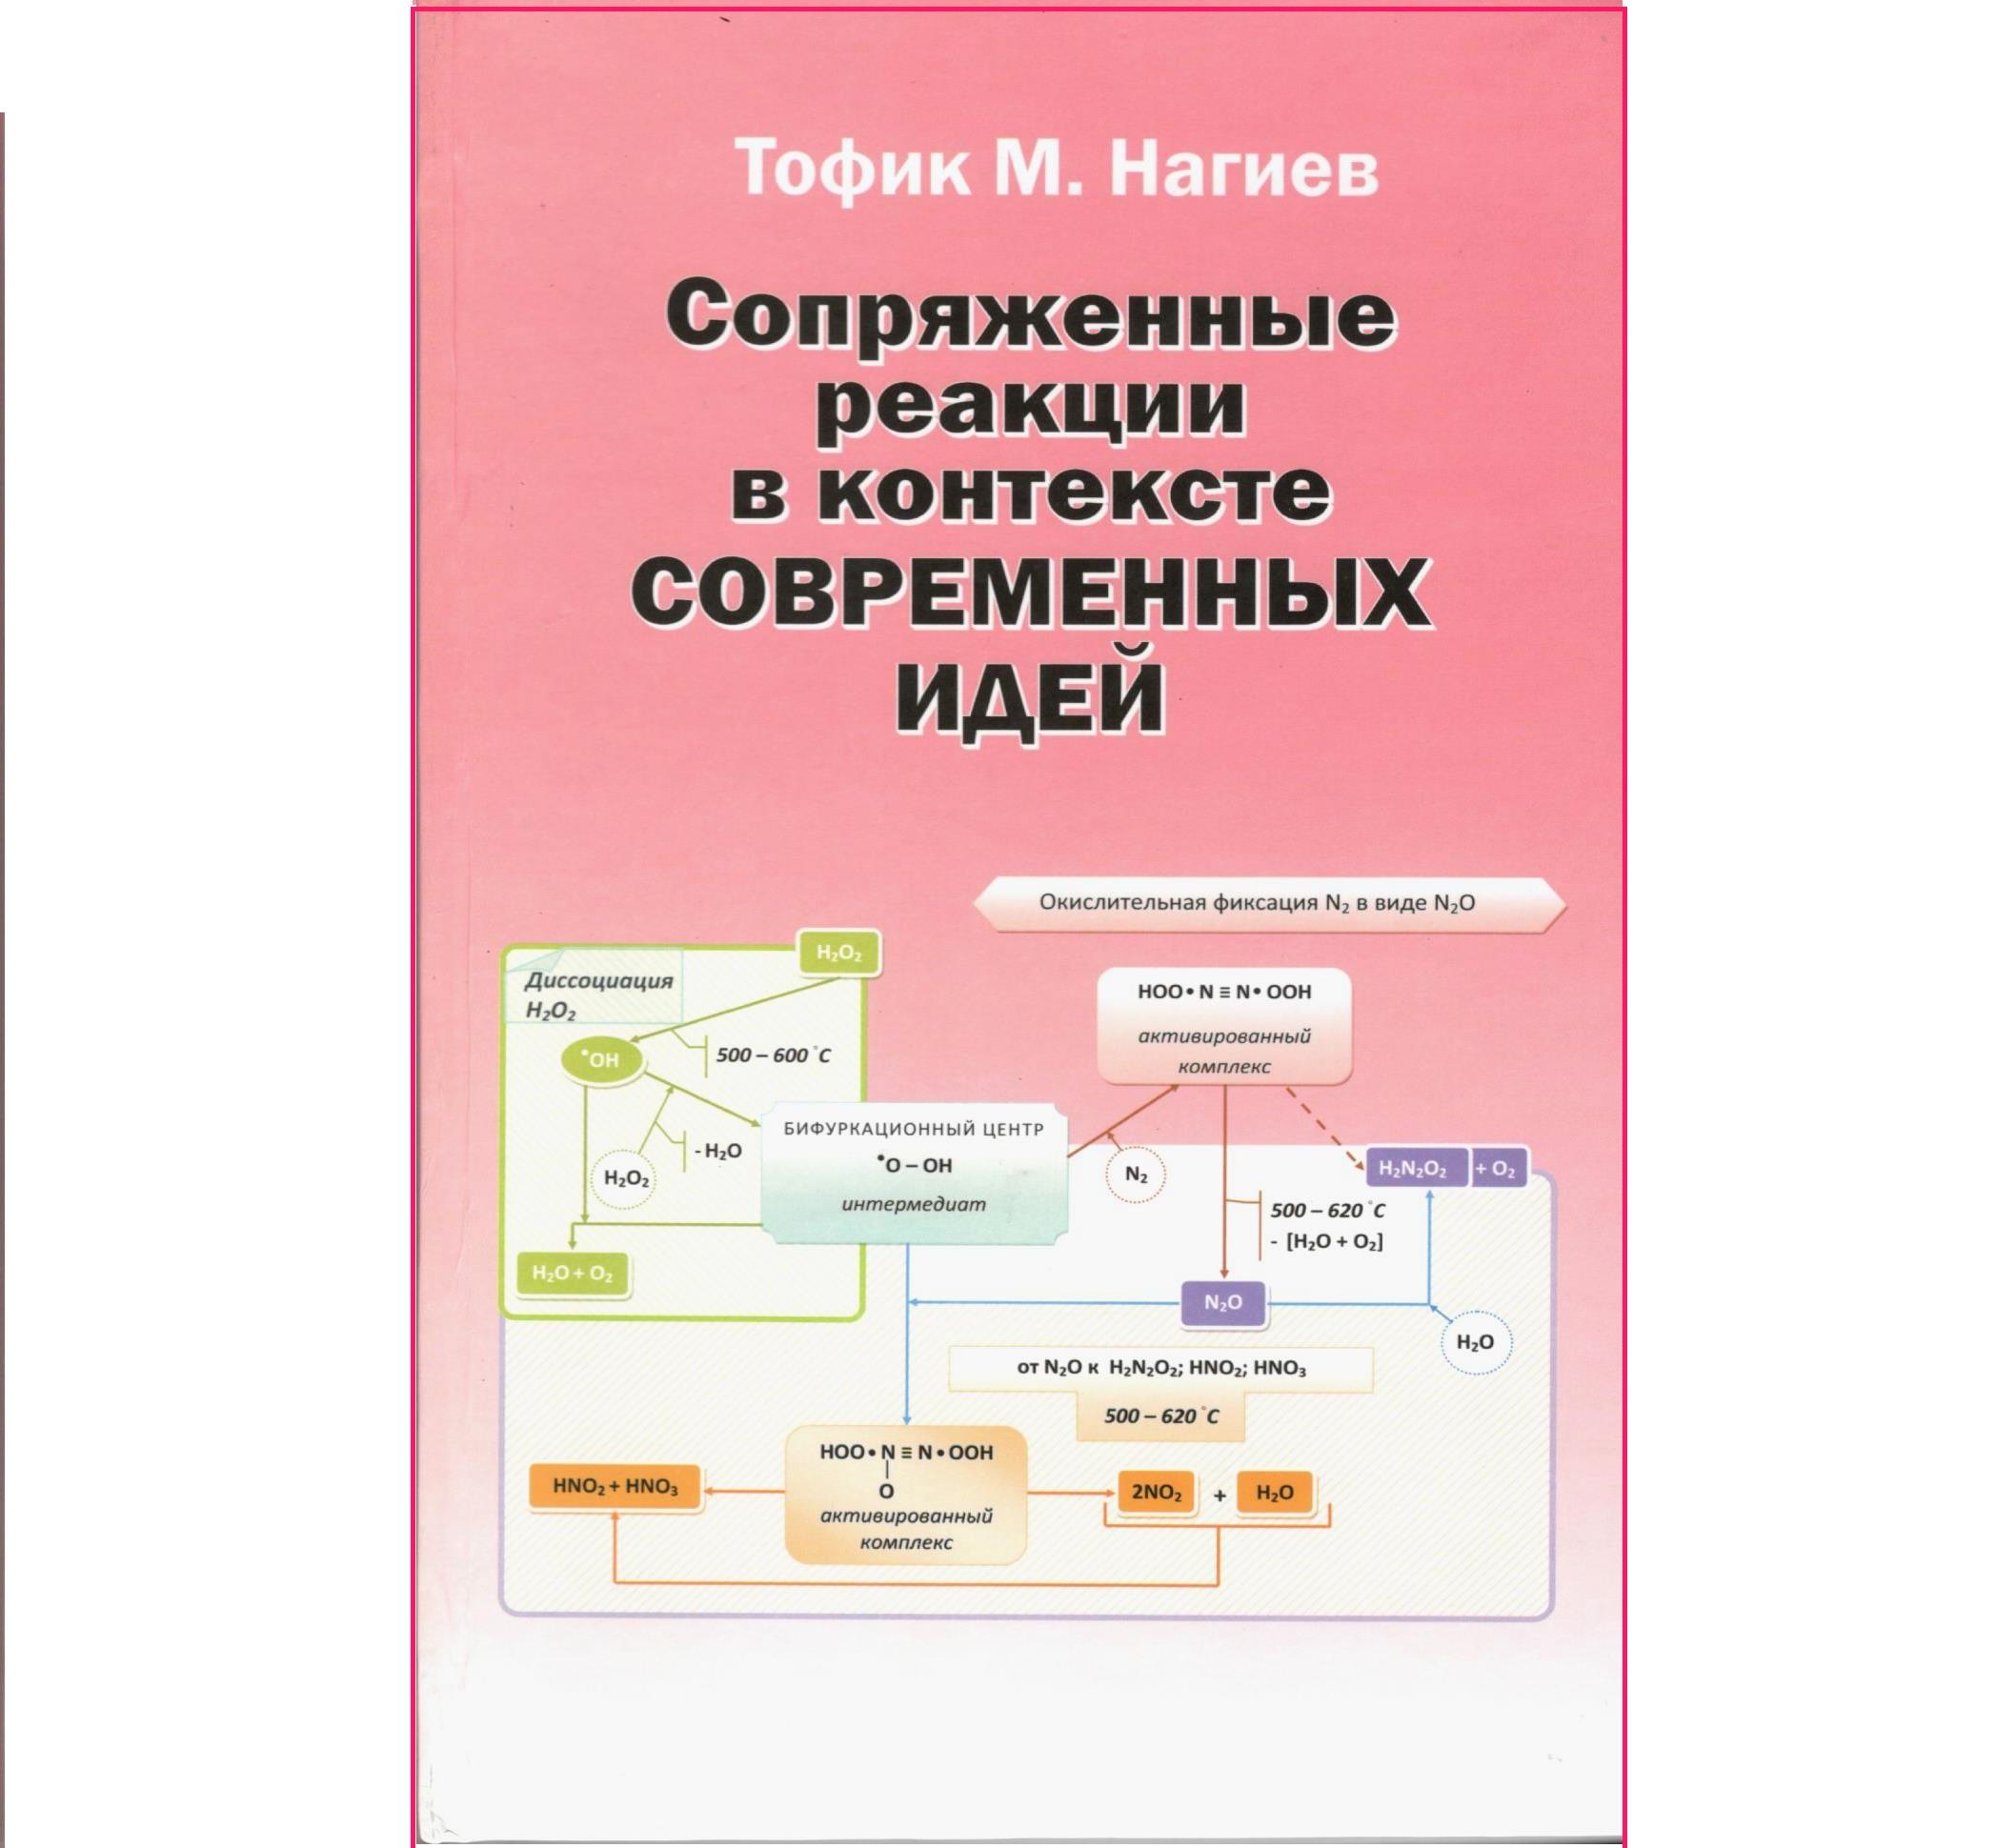 Т.М.Нагиев. Сопряженные реакции в контексте современных идей.